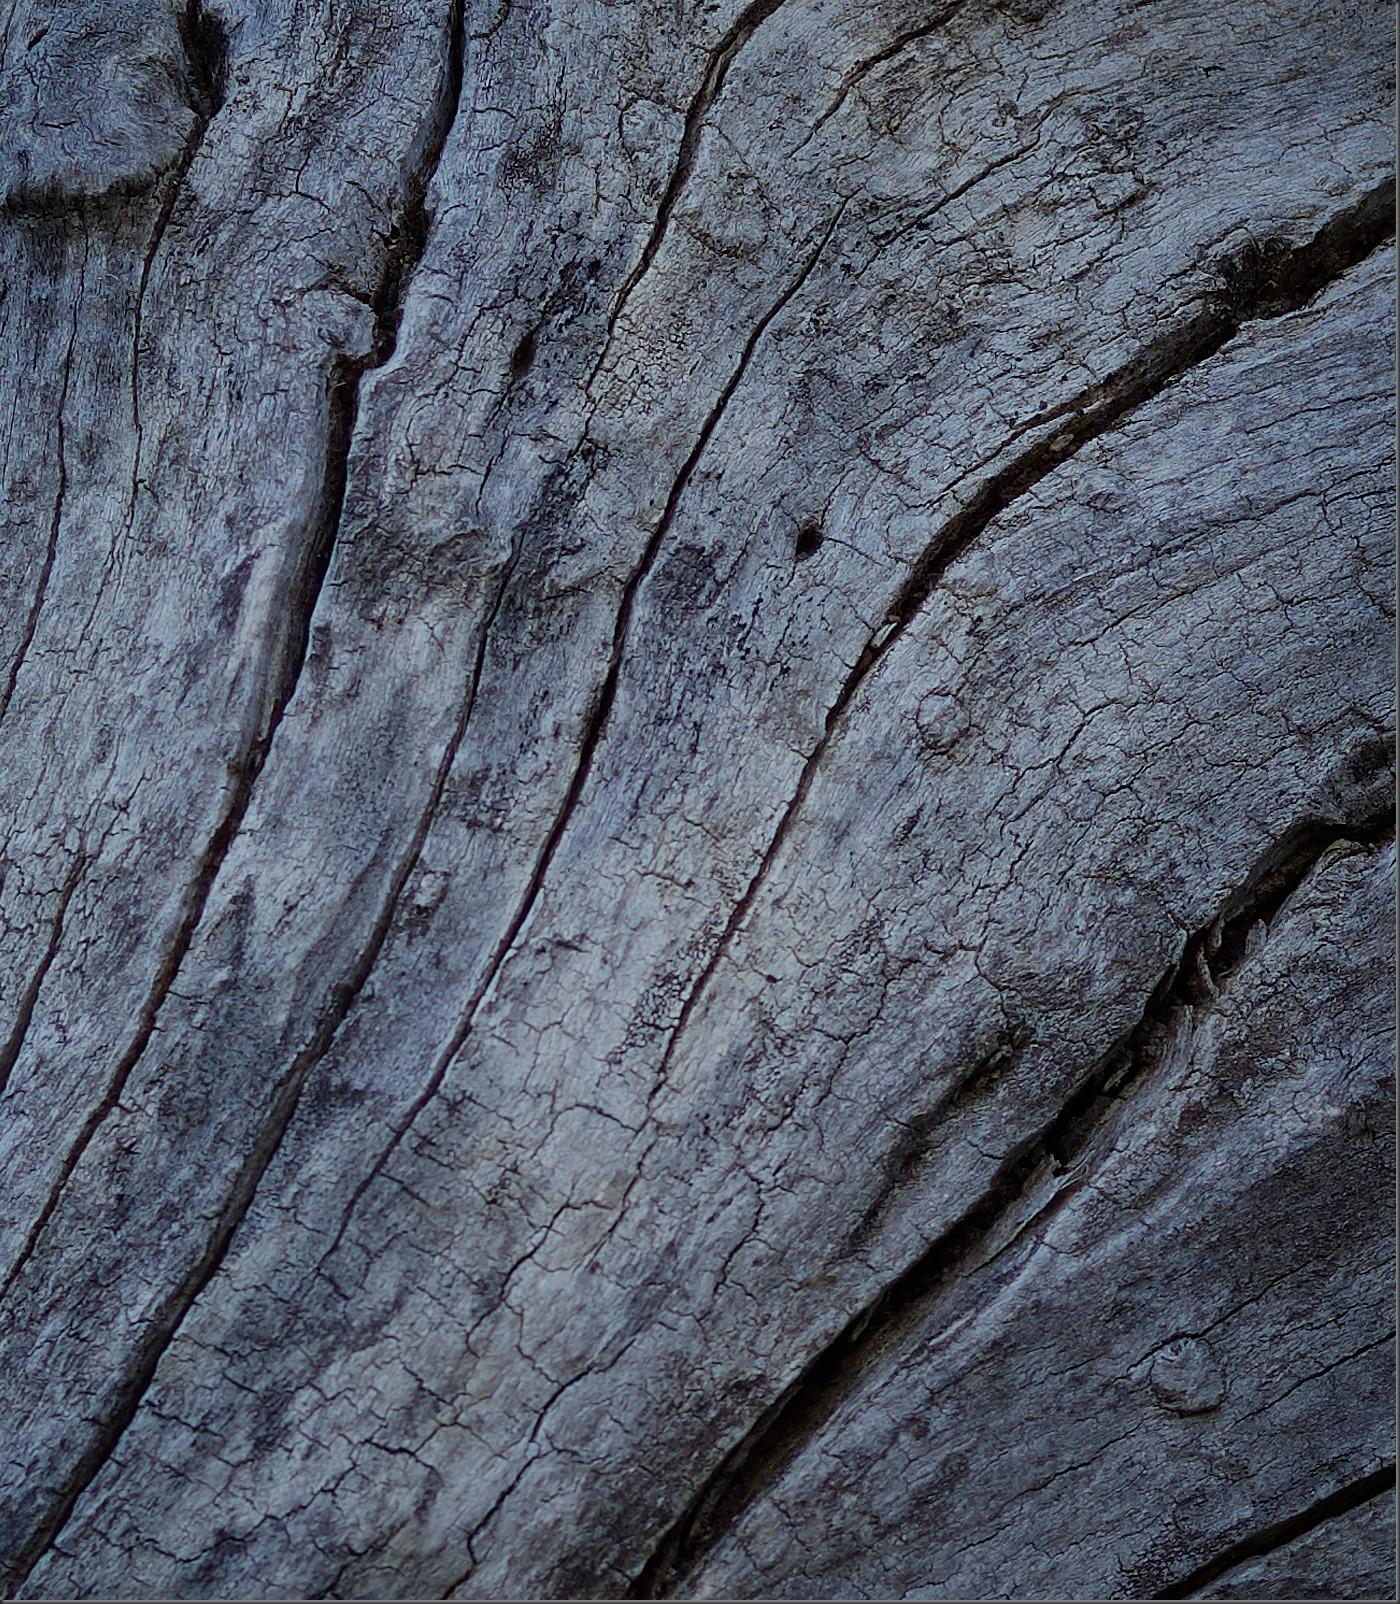 Gnarly Tree With Bark 1